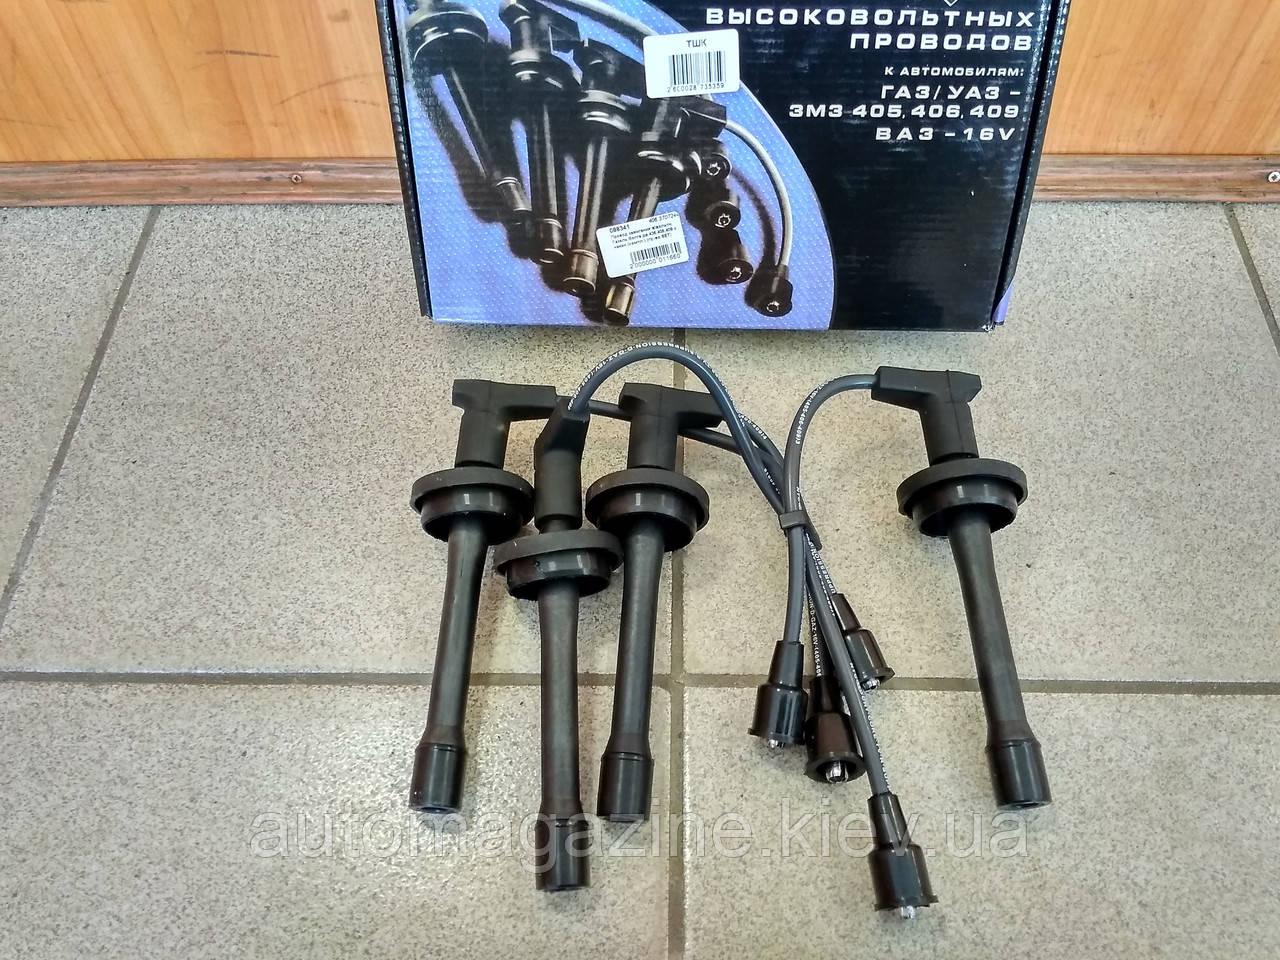 Провода зажигания Газель 405 - 406 (комплект)